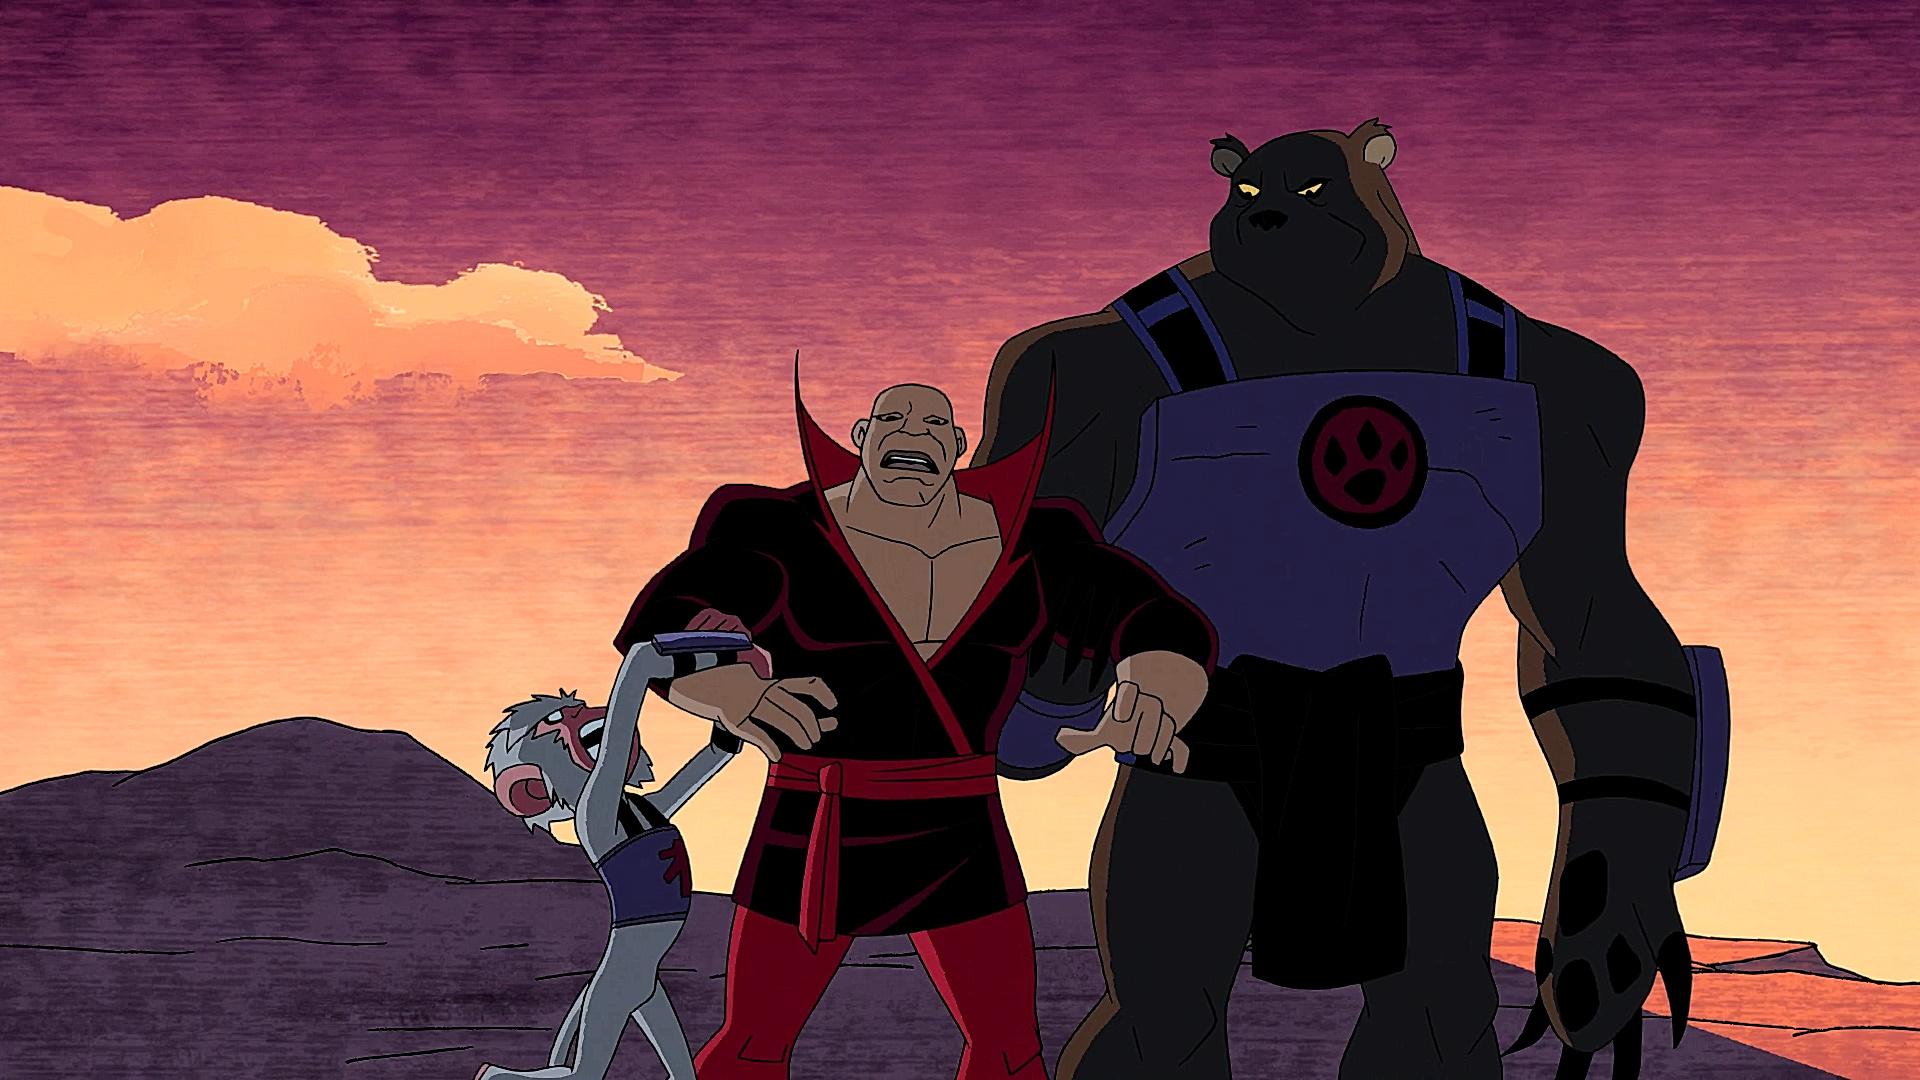 Chu-hui's Guardians